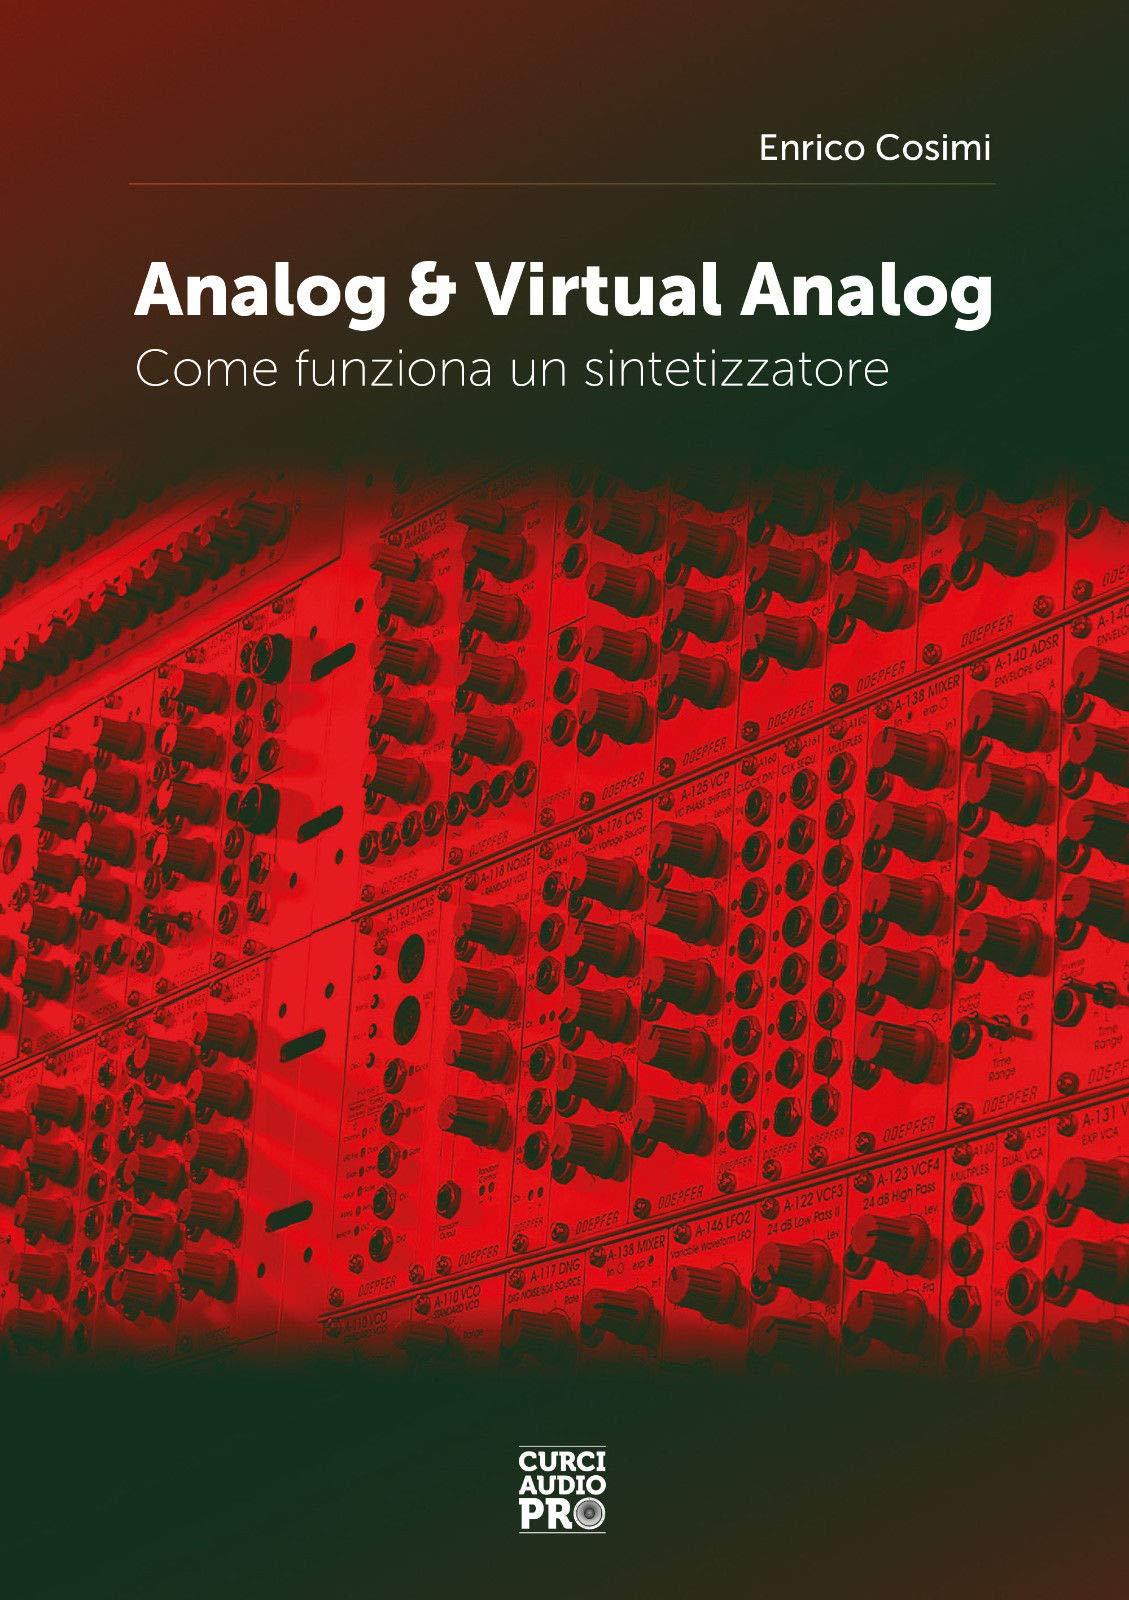 Di enrico musica pdf cosimi manuale elettronica